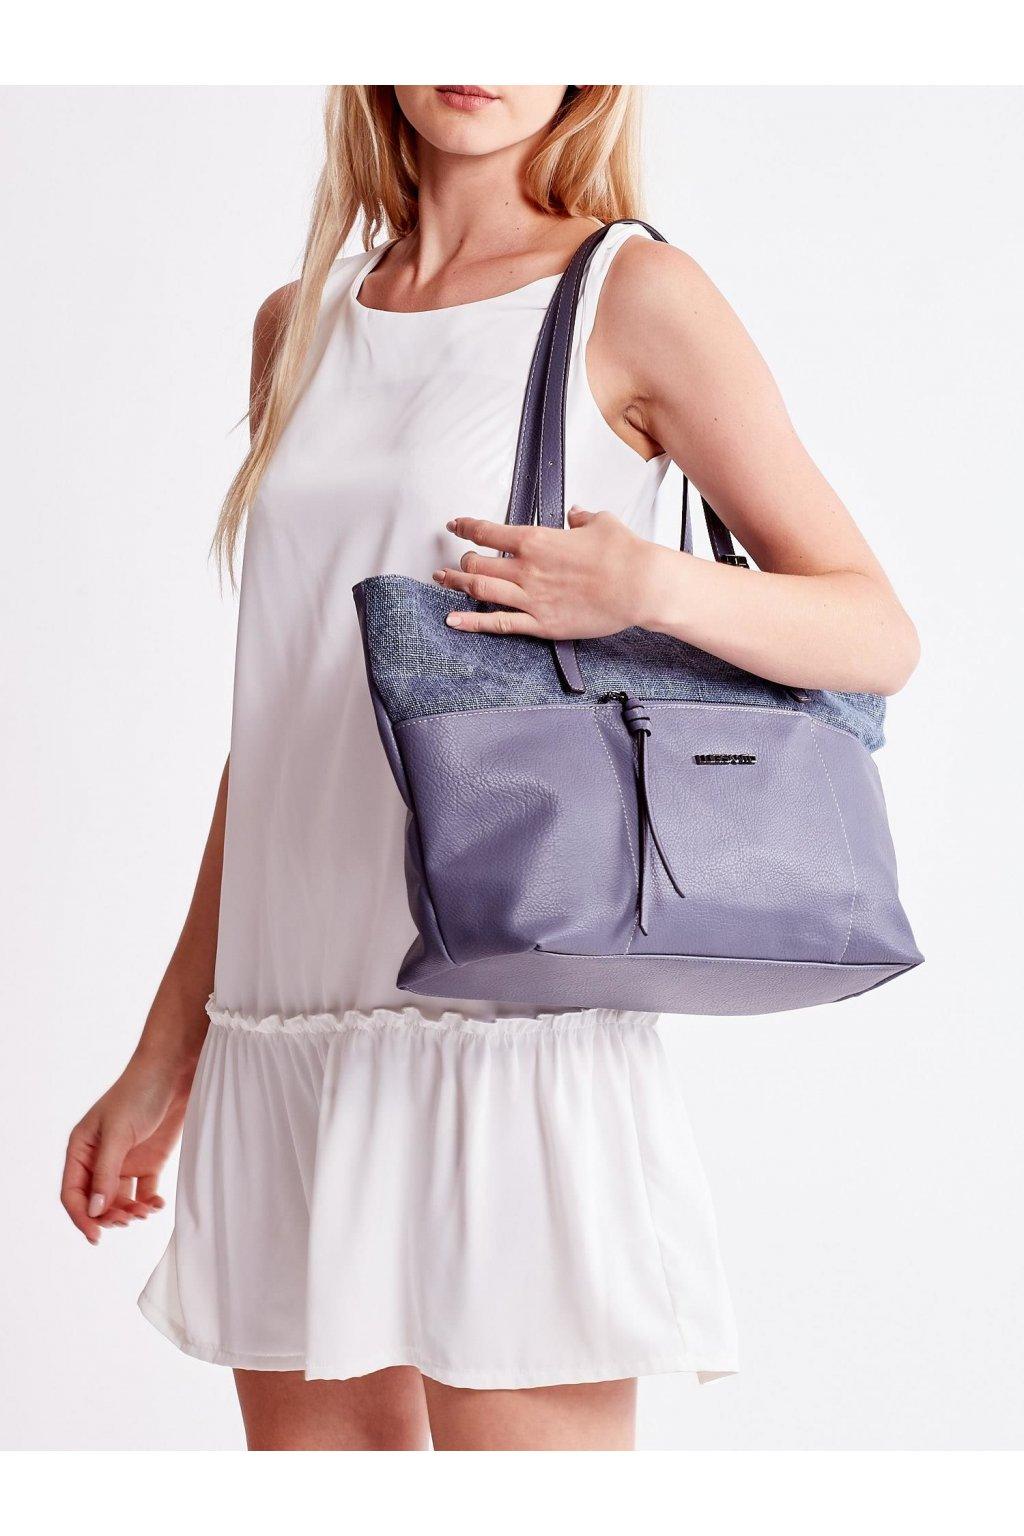 Shopper kabelka modrá kód OW-TR-5737-2.89